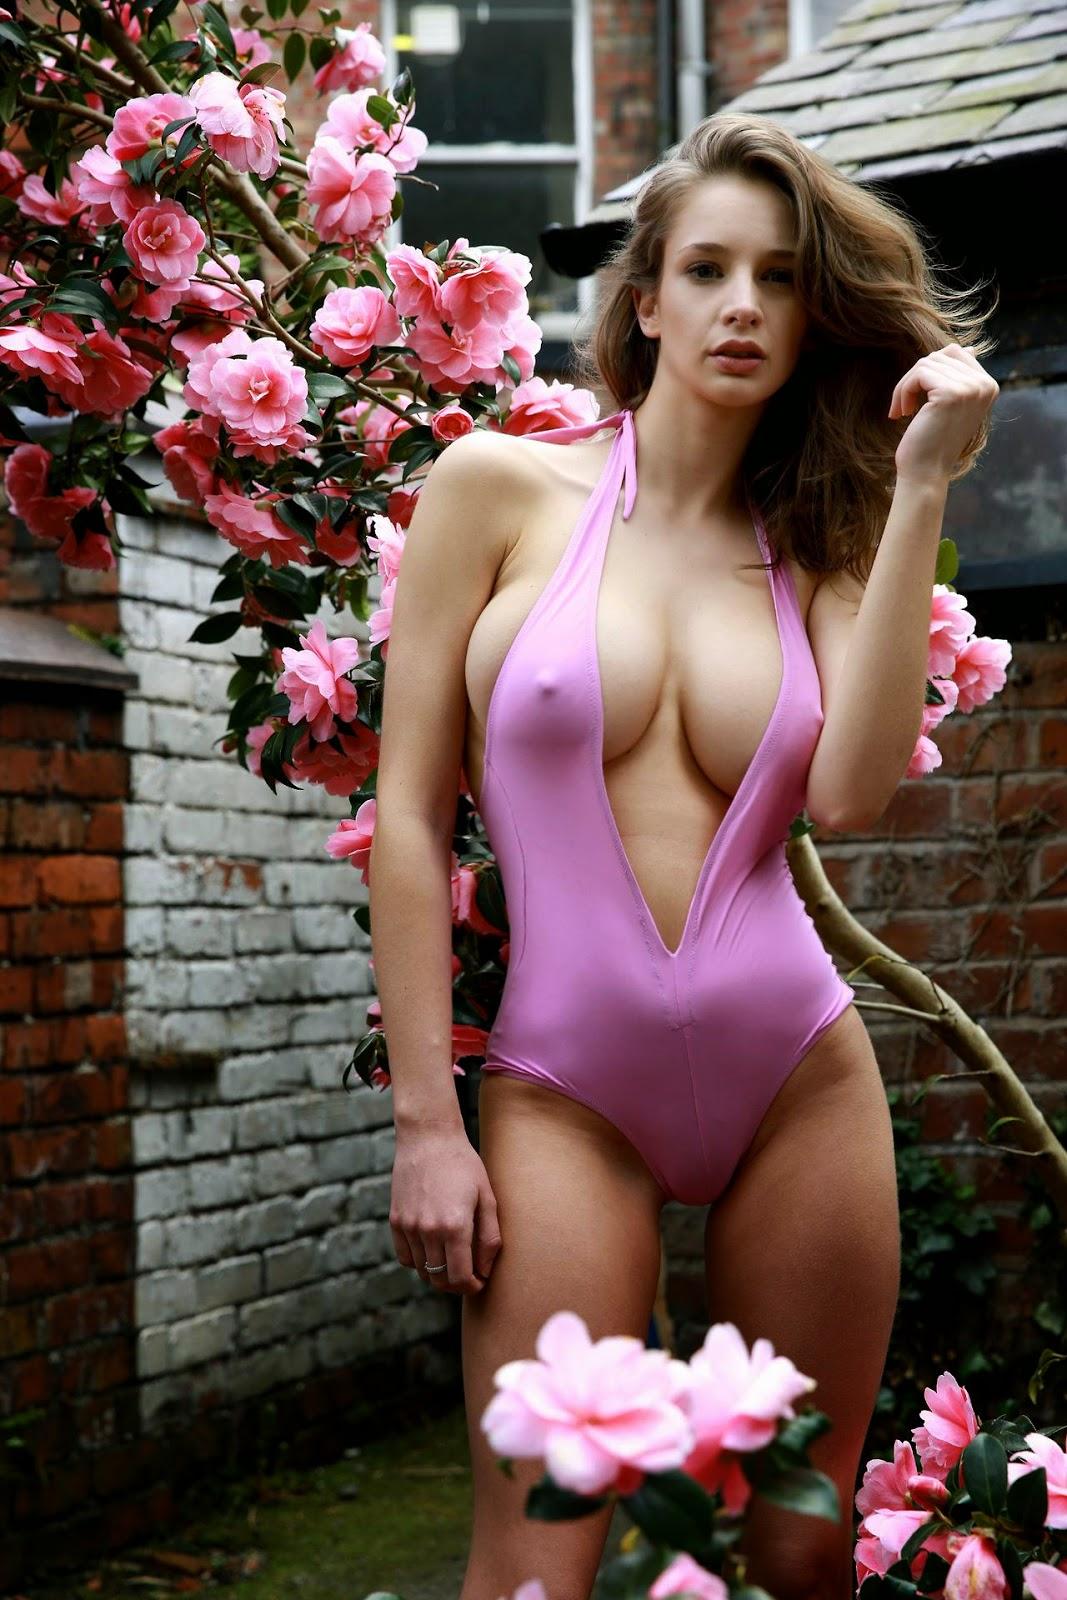 erotic striptease videos härmälä k market